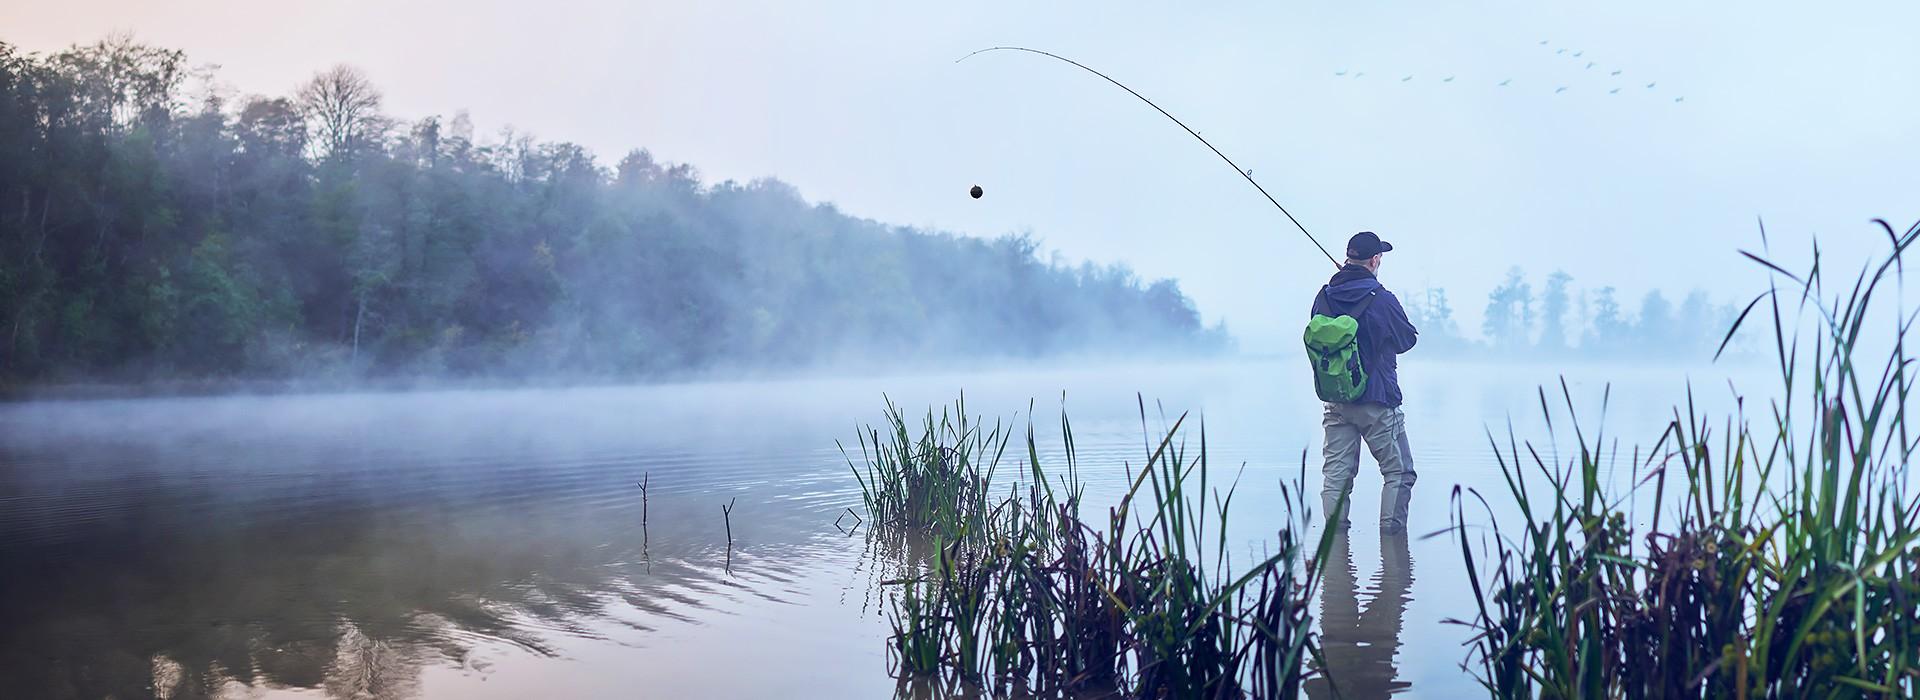 次のフィッシングシーズンに備えて自分自身を準備します唯一の¥26,990からスマートに釣りを開始します!